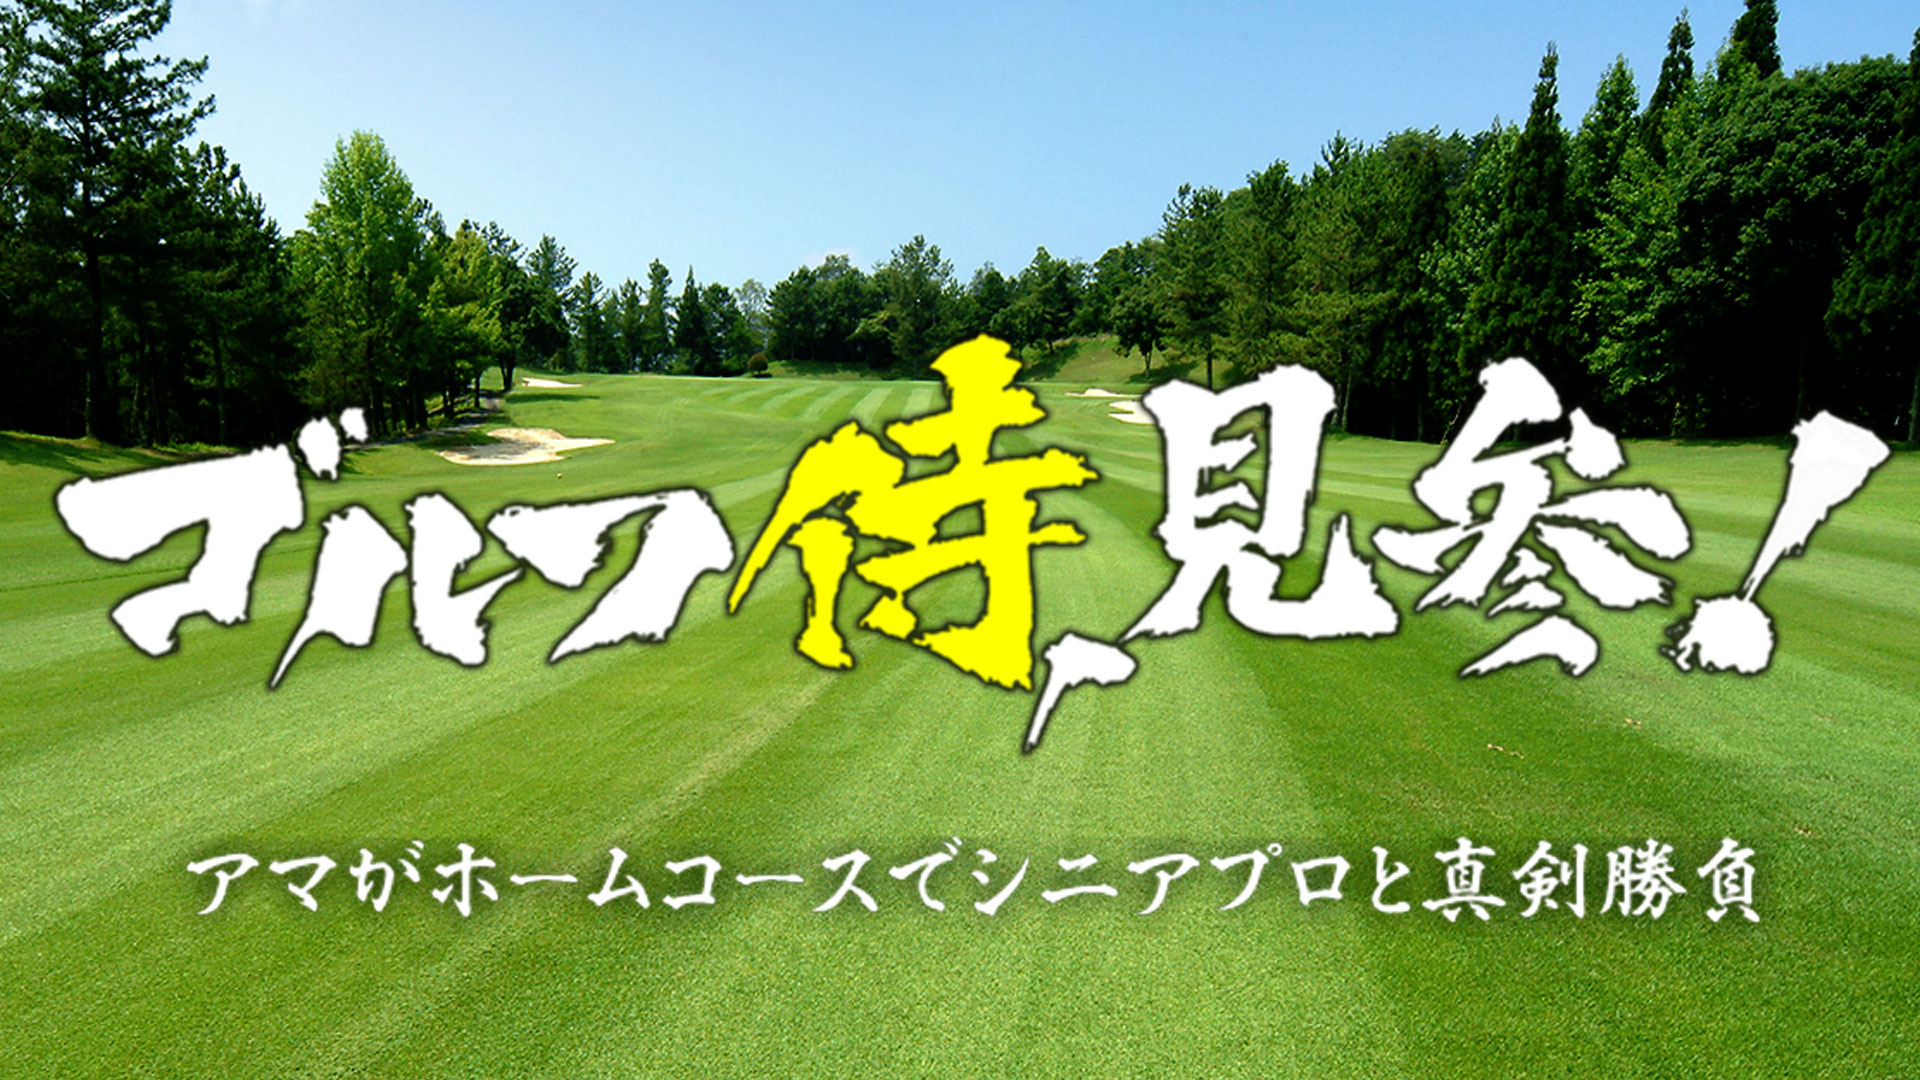 無料テレビでゴルフ侍、見参!を視聴する